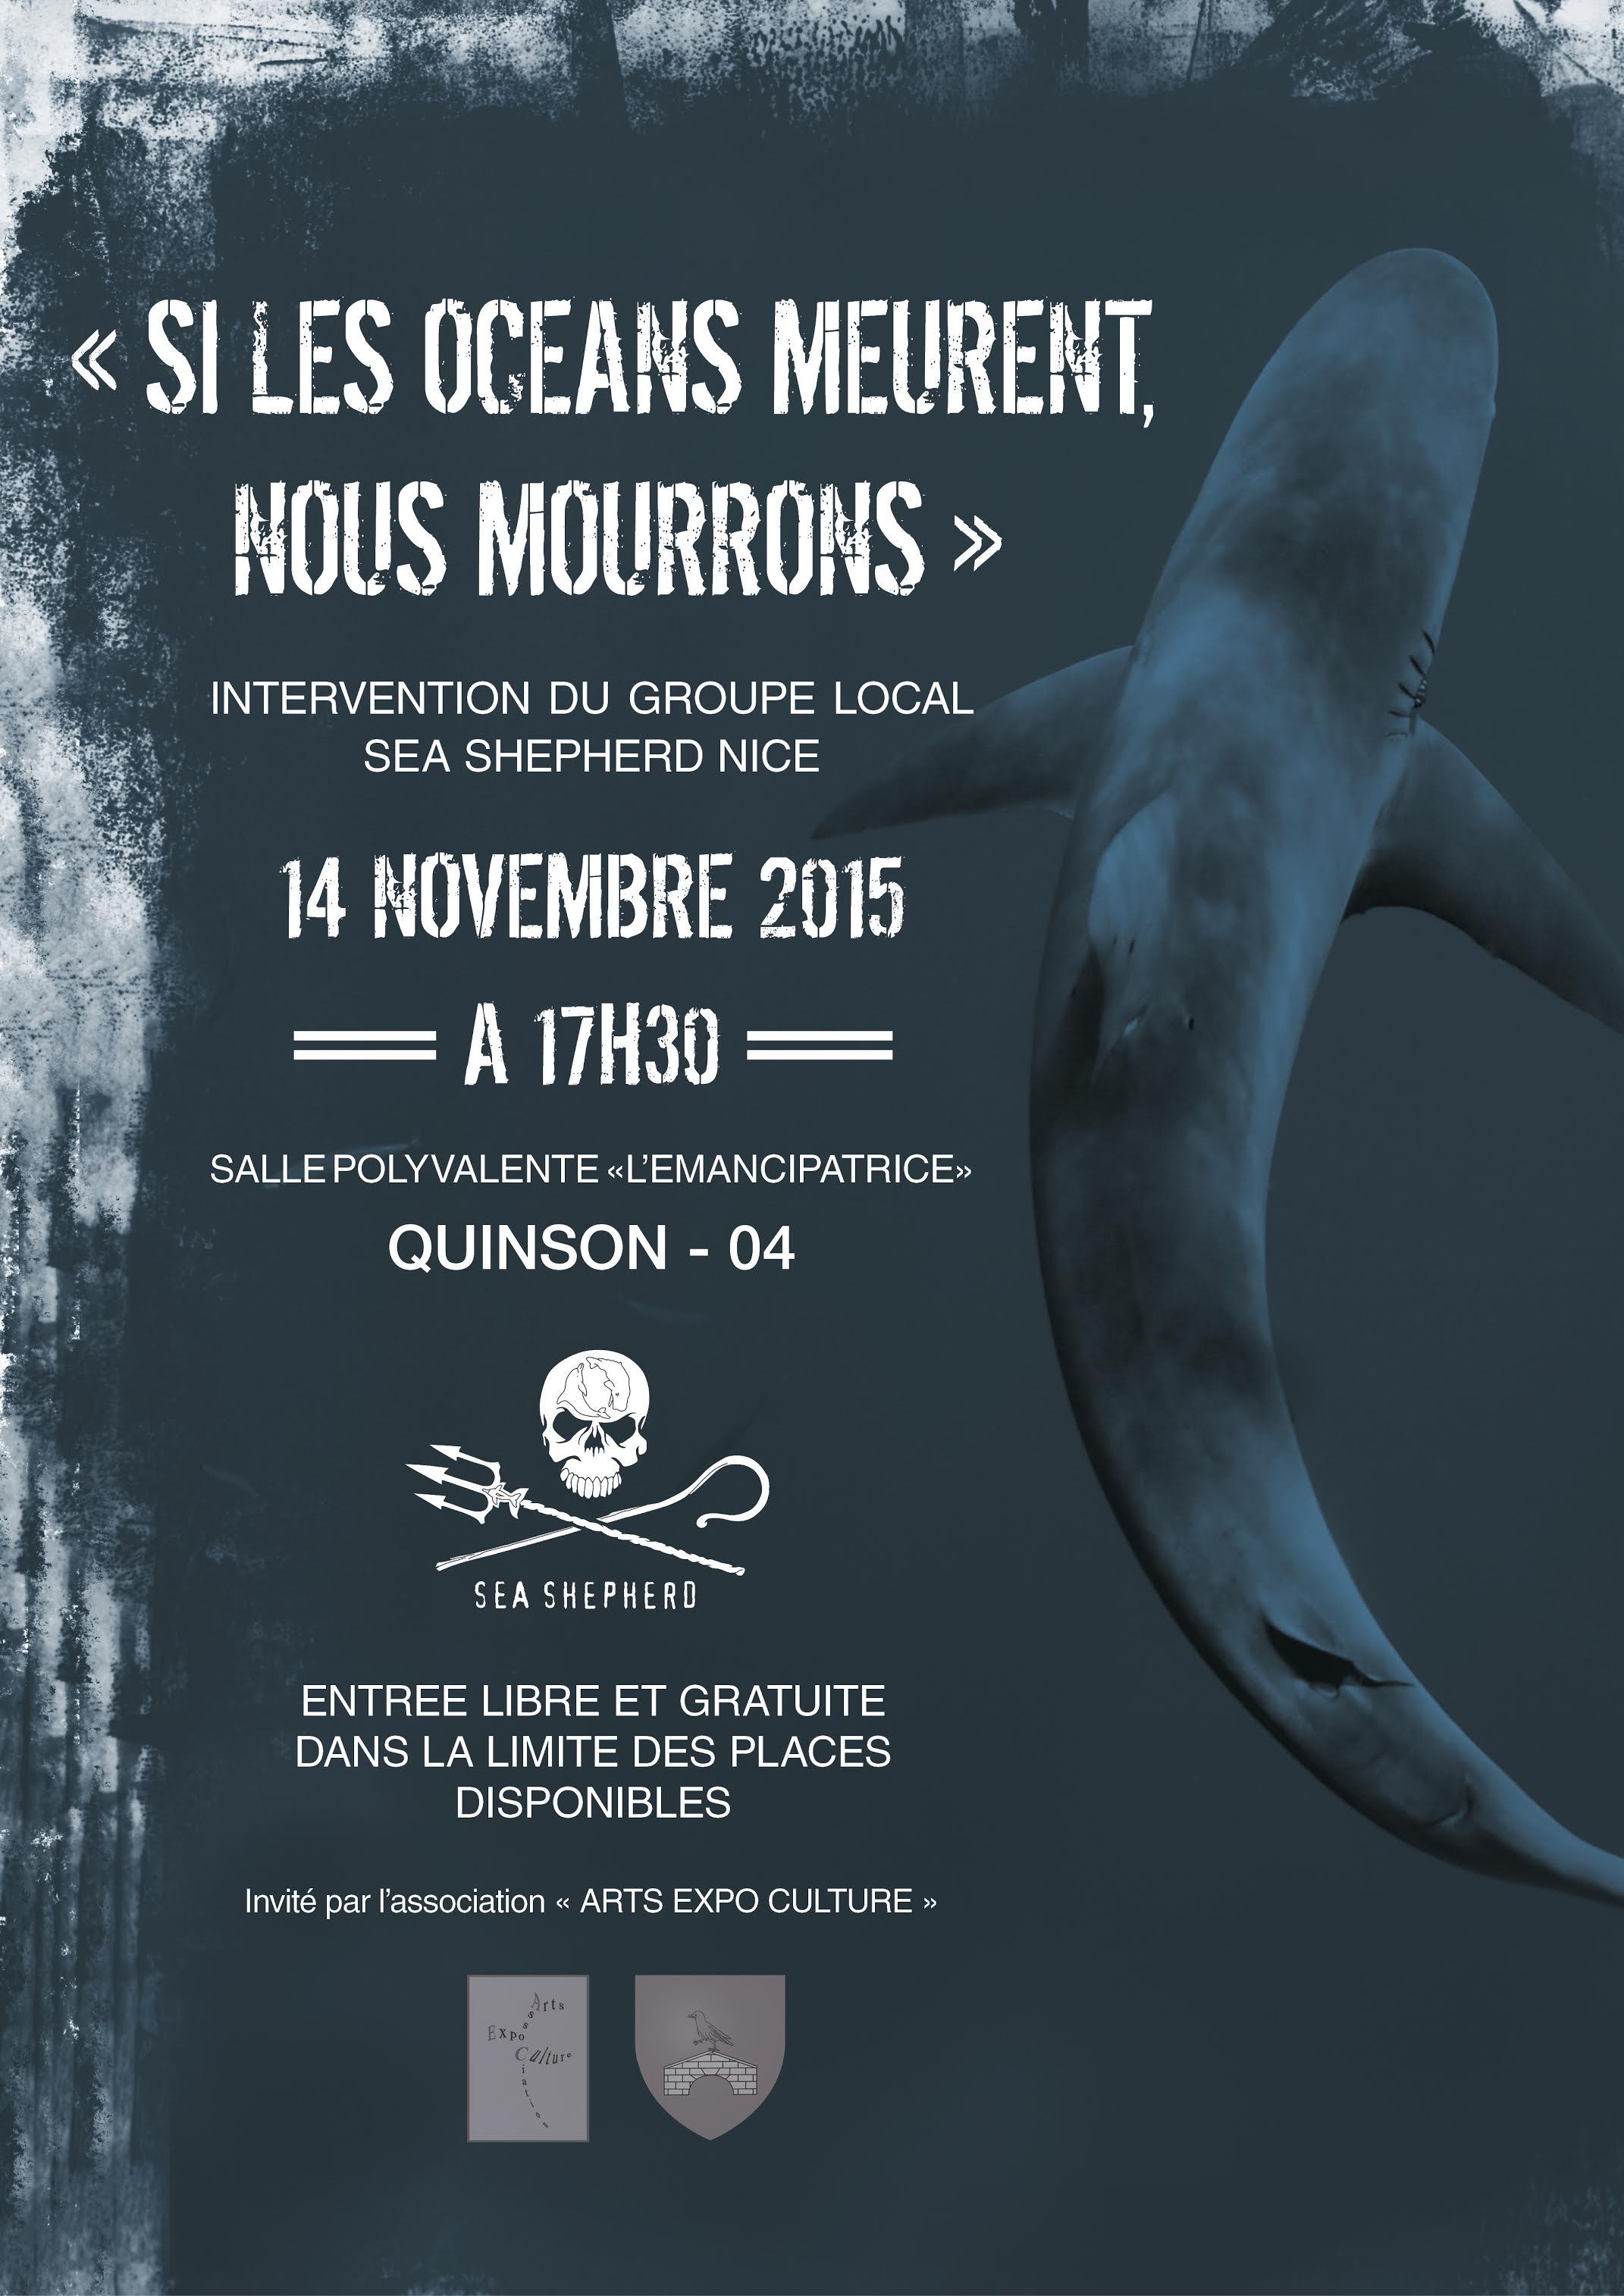 Sea Shepherd, les éco-guerriers des mers à Quinson